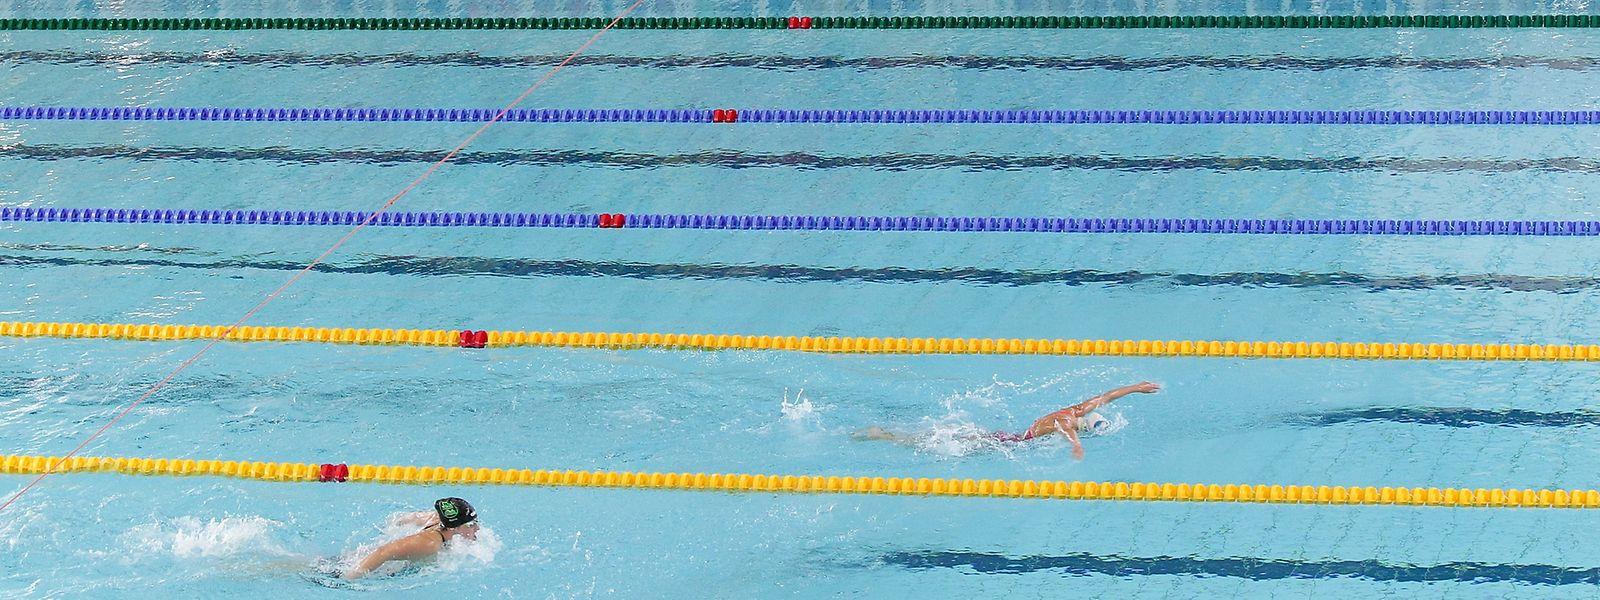 Die Verantwortlichen des SL hoffen, dass in Zukunft wieder die Schwimmer für positive Schlagzeilen sorgen werden.